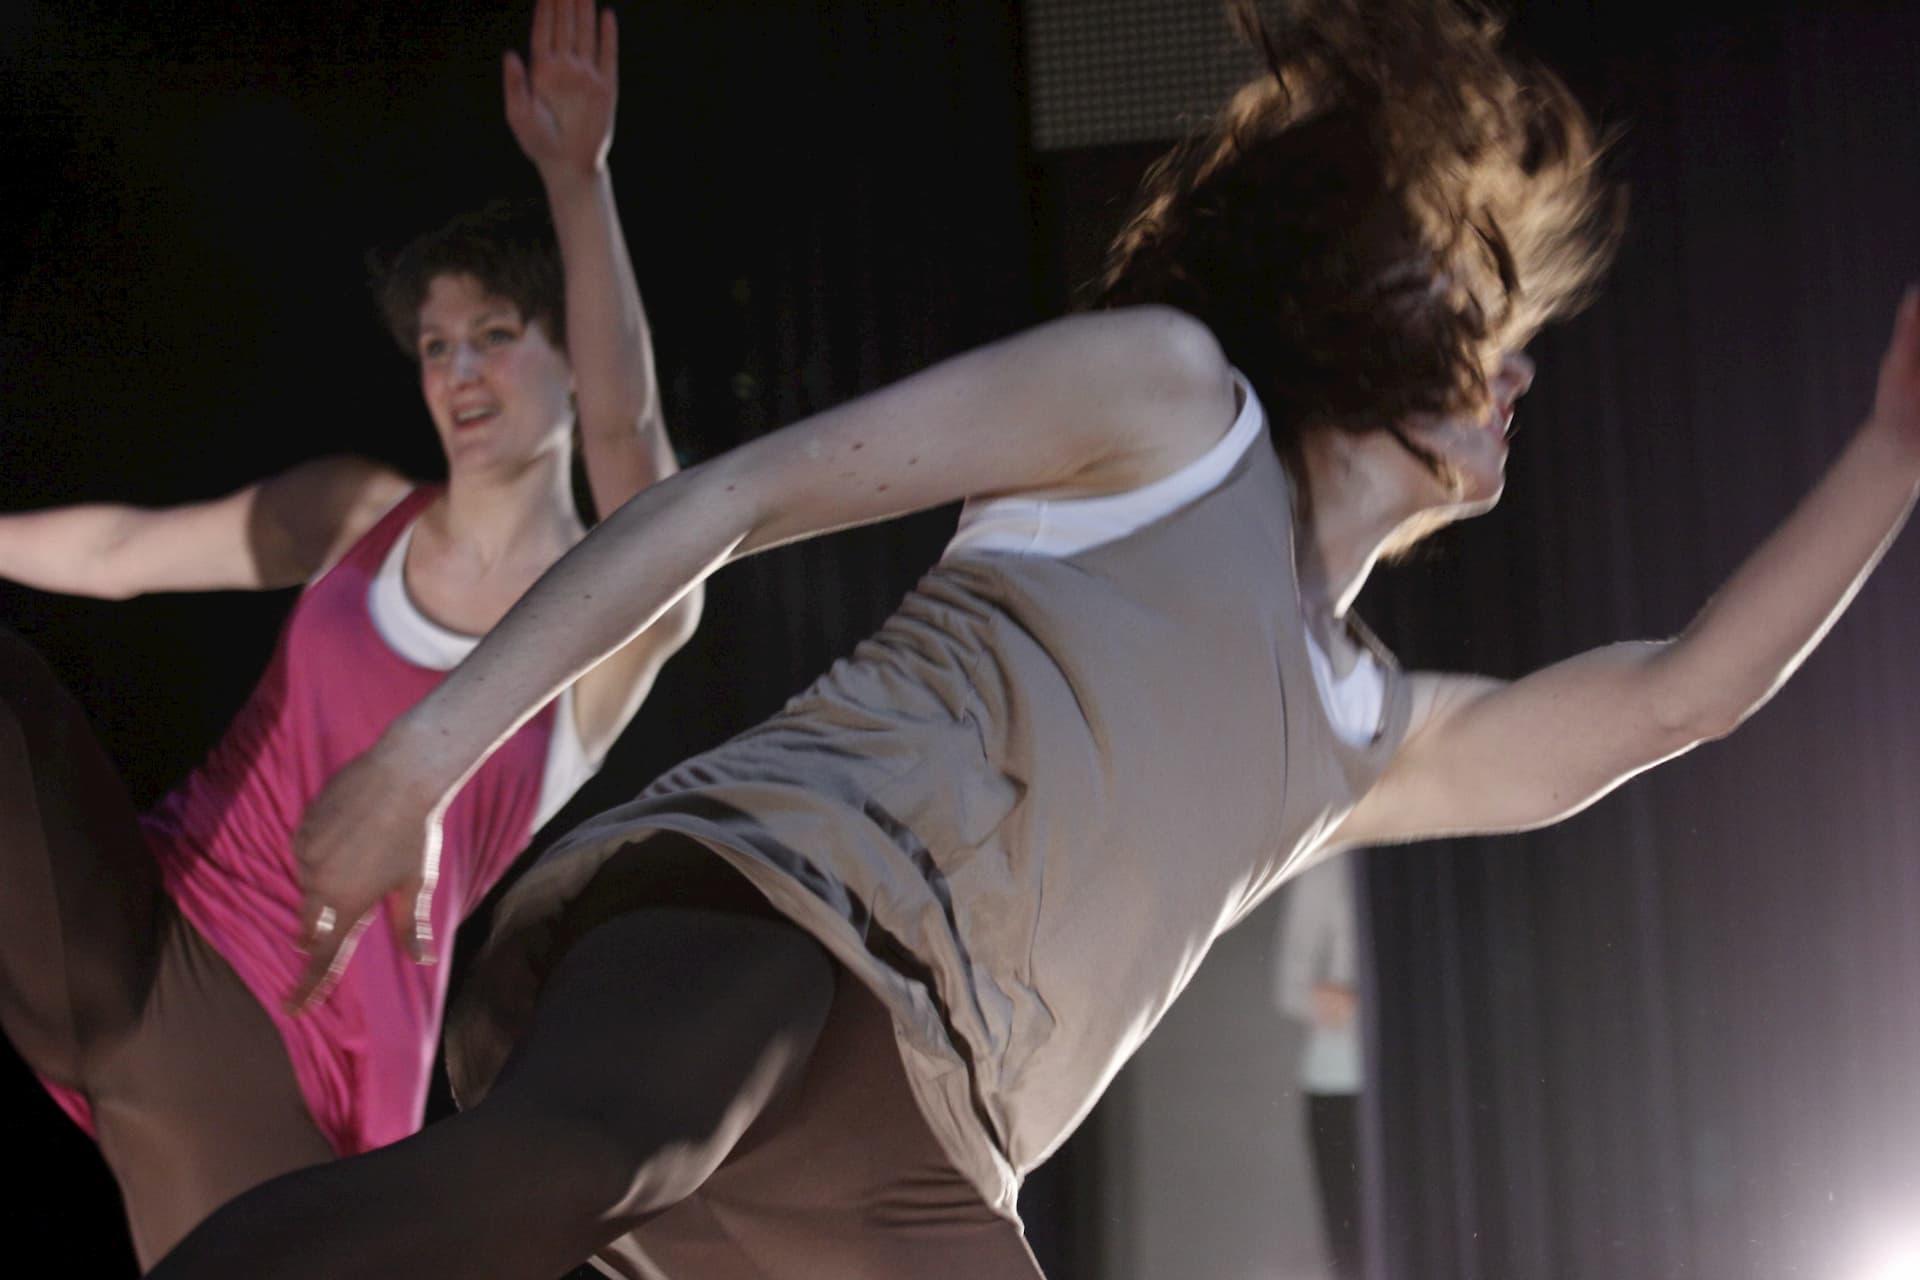 Fotograaf Johannes Swart. Choreografie: Daisy van Drongelen, Josephine van der Lugt, Martina Tak. Uitgevoerd tijdens de theatervoorstelling Connect van Christian Dance Company